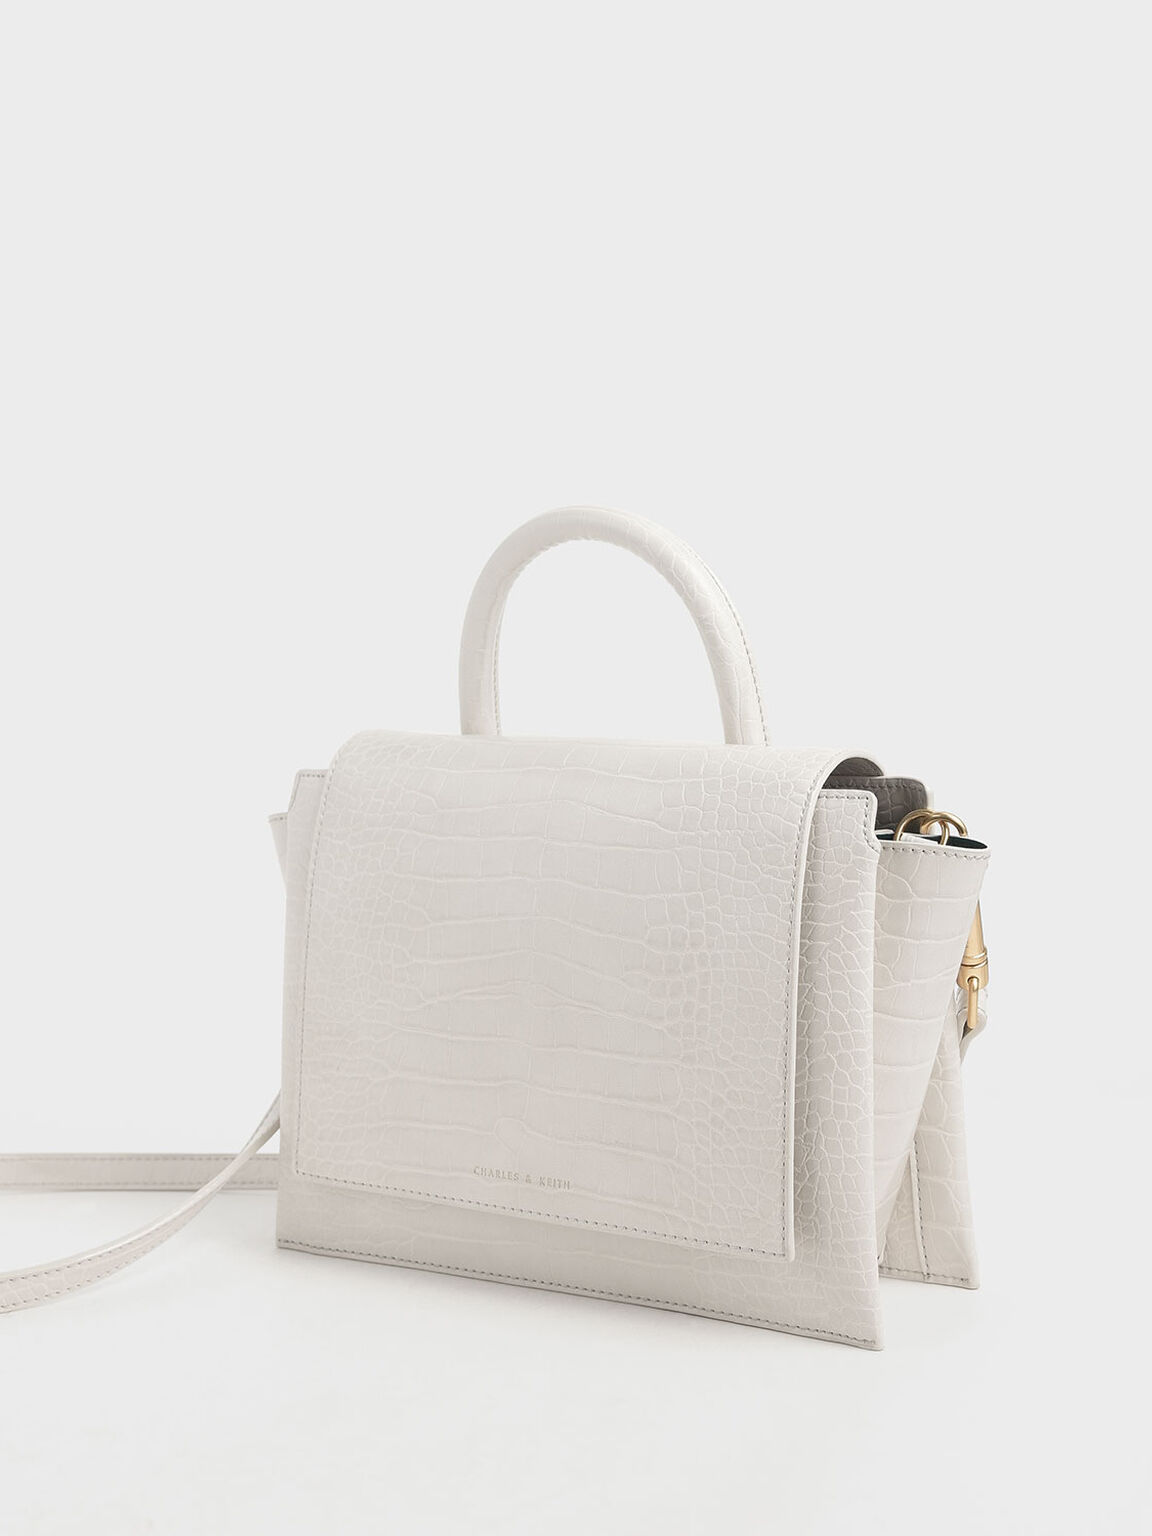 Croc-Effect Top Handle Trapeze Bag, Cream, hi-res